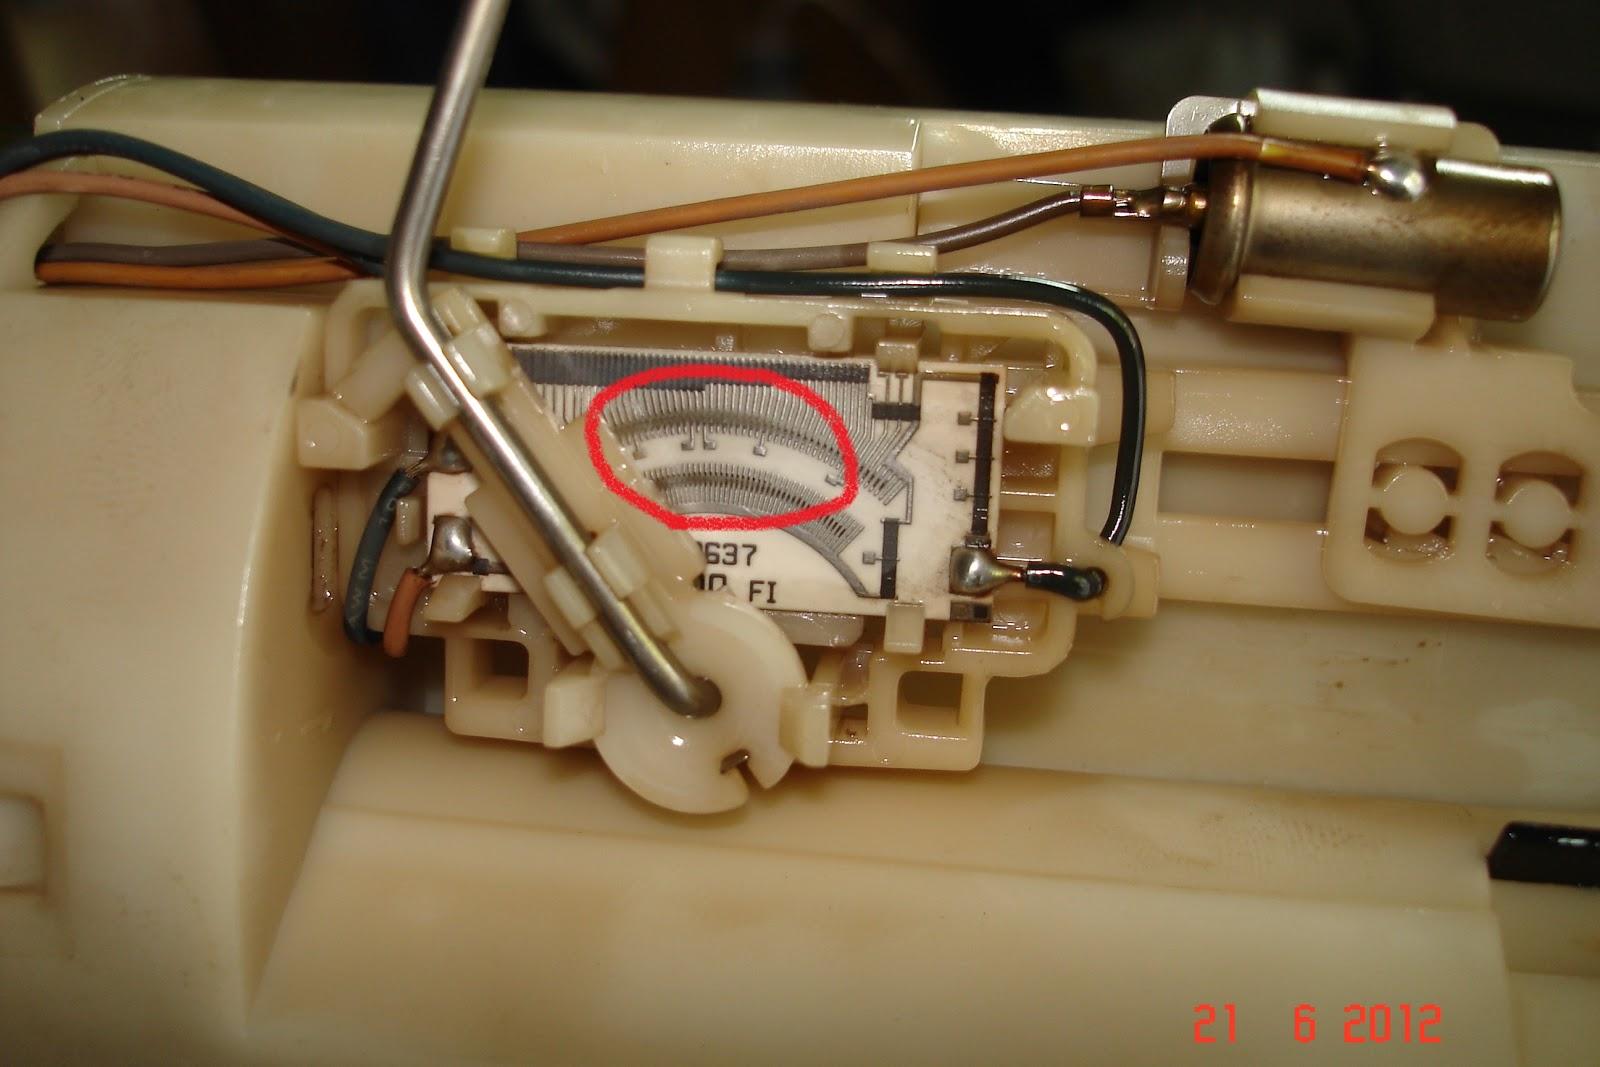 P0463 высокий уровень сигнала датчика уровня топлива p0464 перемежающийся уровень сигнала датчика уровня топлива